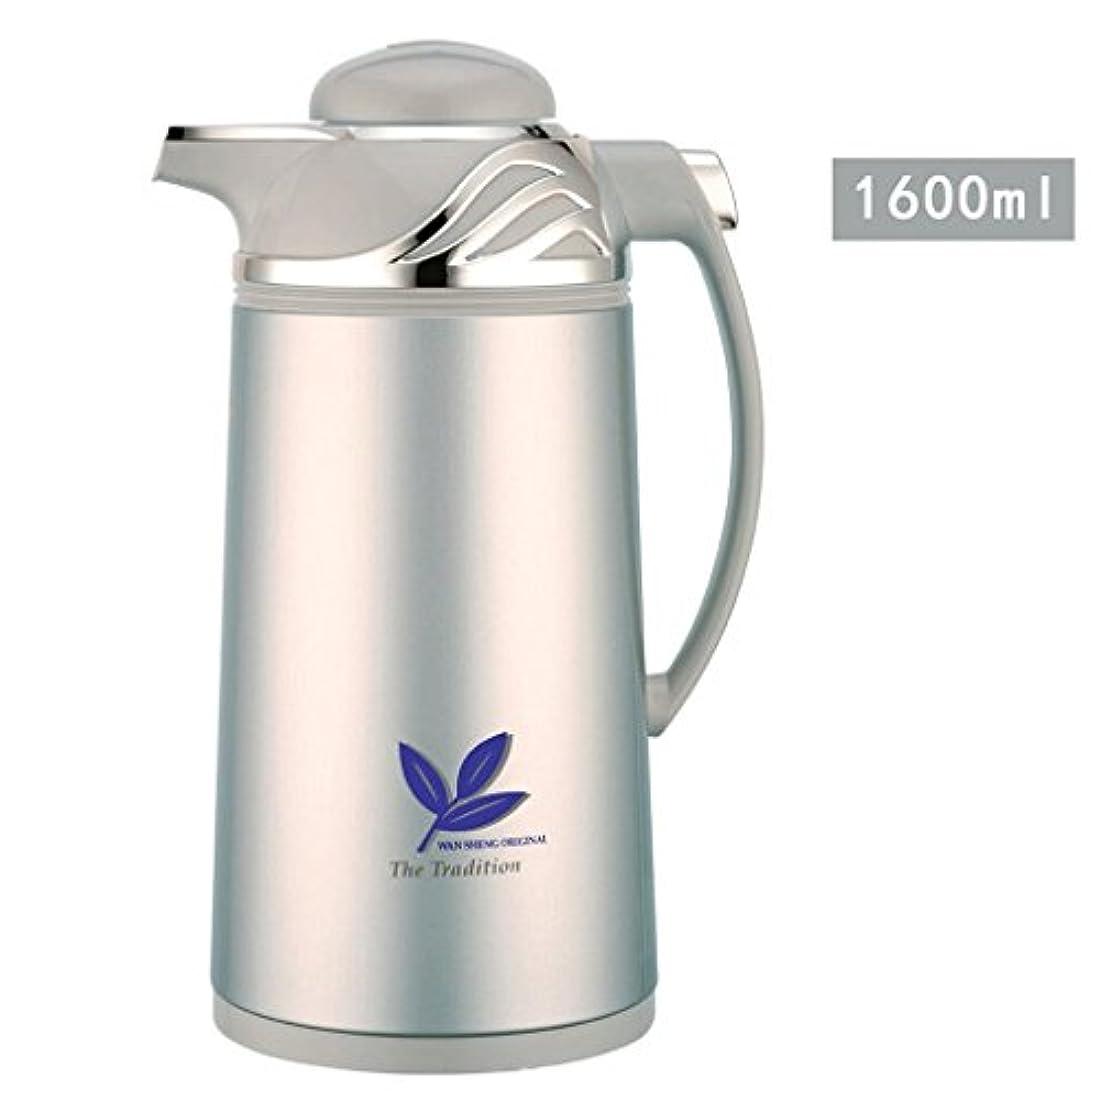 苦しめる肥満代表保温ポット ホームステンレススチール断熱ポットキッチンケトルレストランホテル断熱カップウォームホットボトル大容量1.3L、1.6L、1.9L UOMUN (色 : B, サイズ さいず : 1.6L)